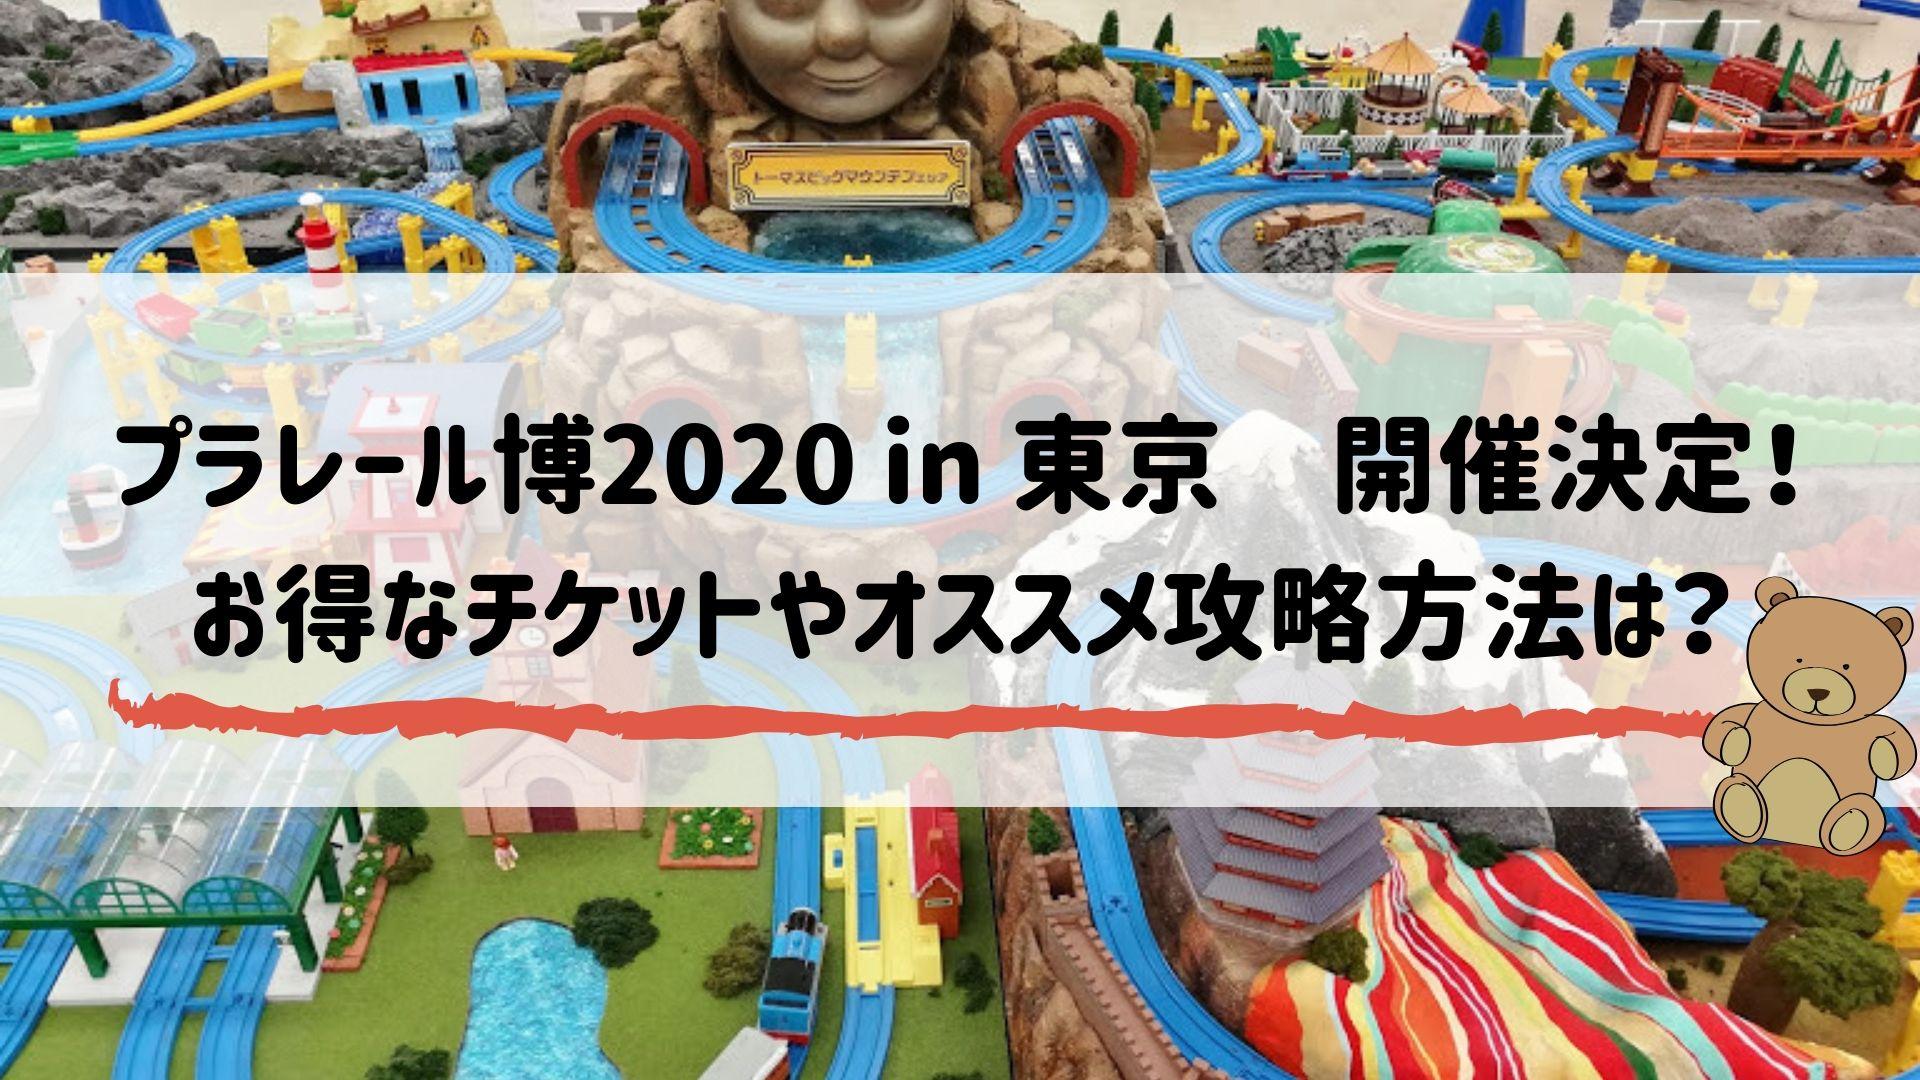 プラレール博2020 in 東京 開催決定! お得なチケットやオススメ攻略方法は?